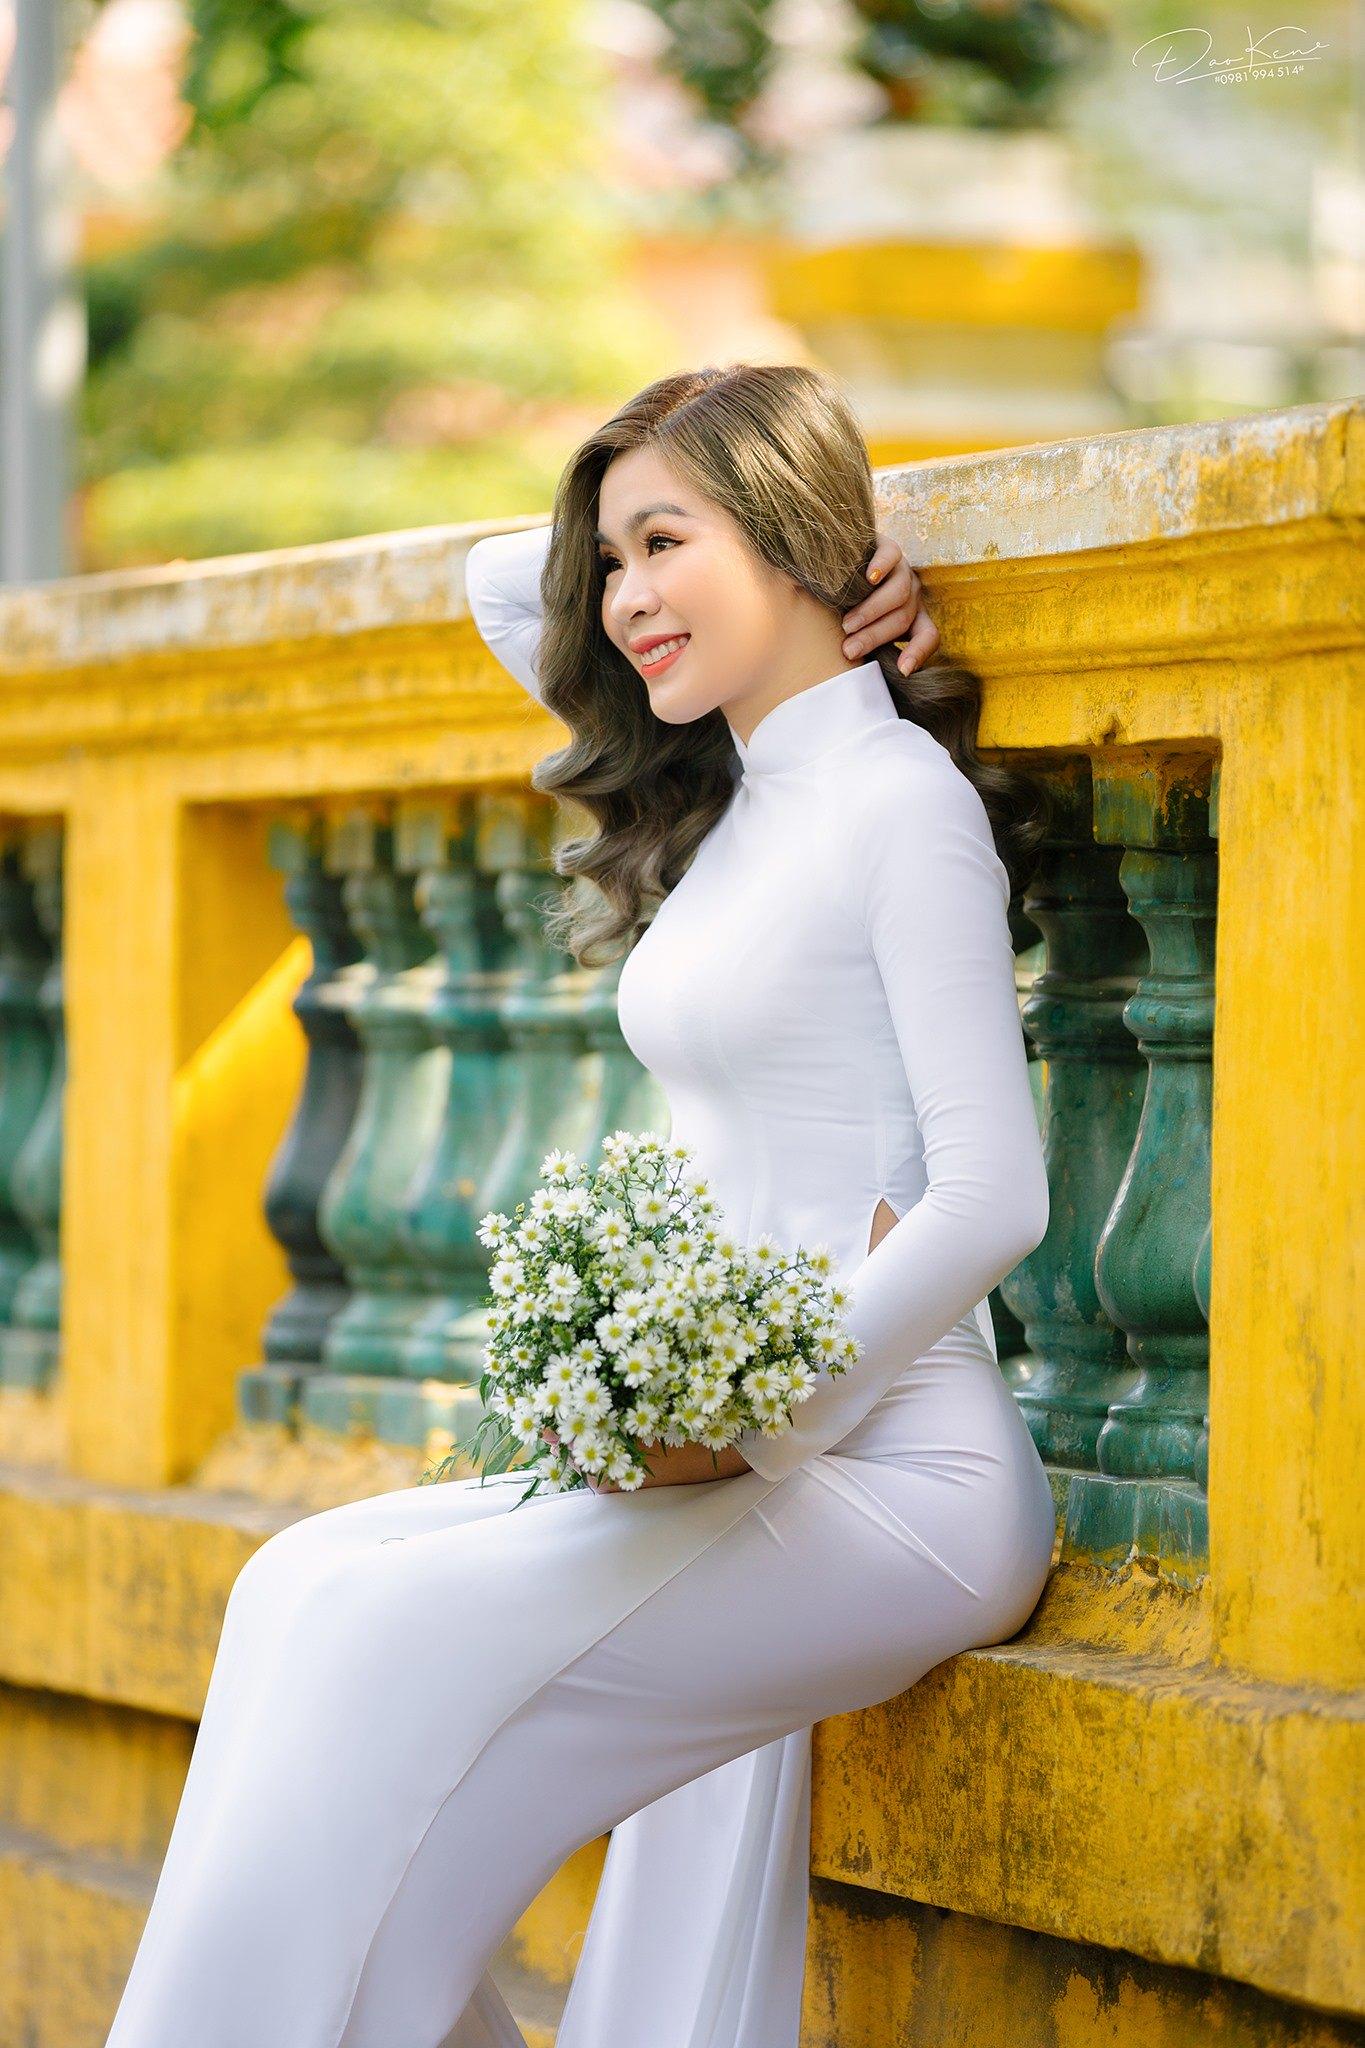 Tuyển tập girl xinh gái đẹp Việt Nam mặc áo dài đẹp mê hồn #57 - 19